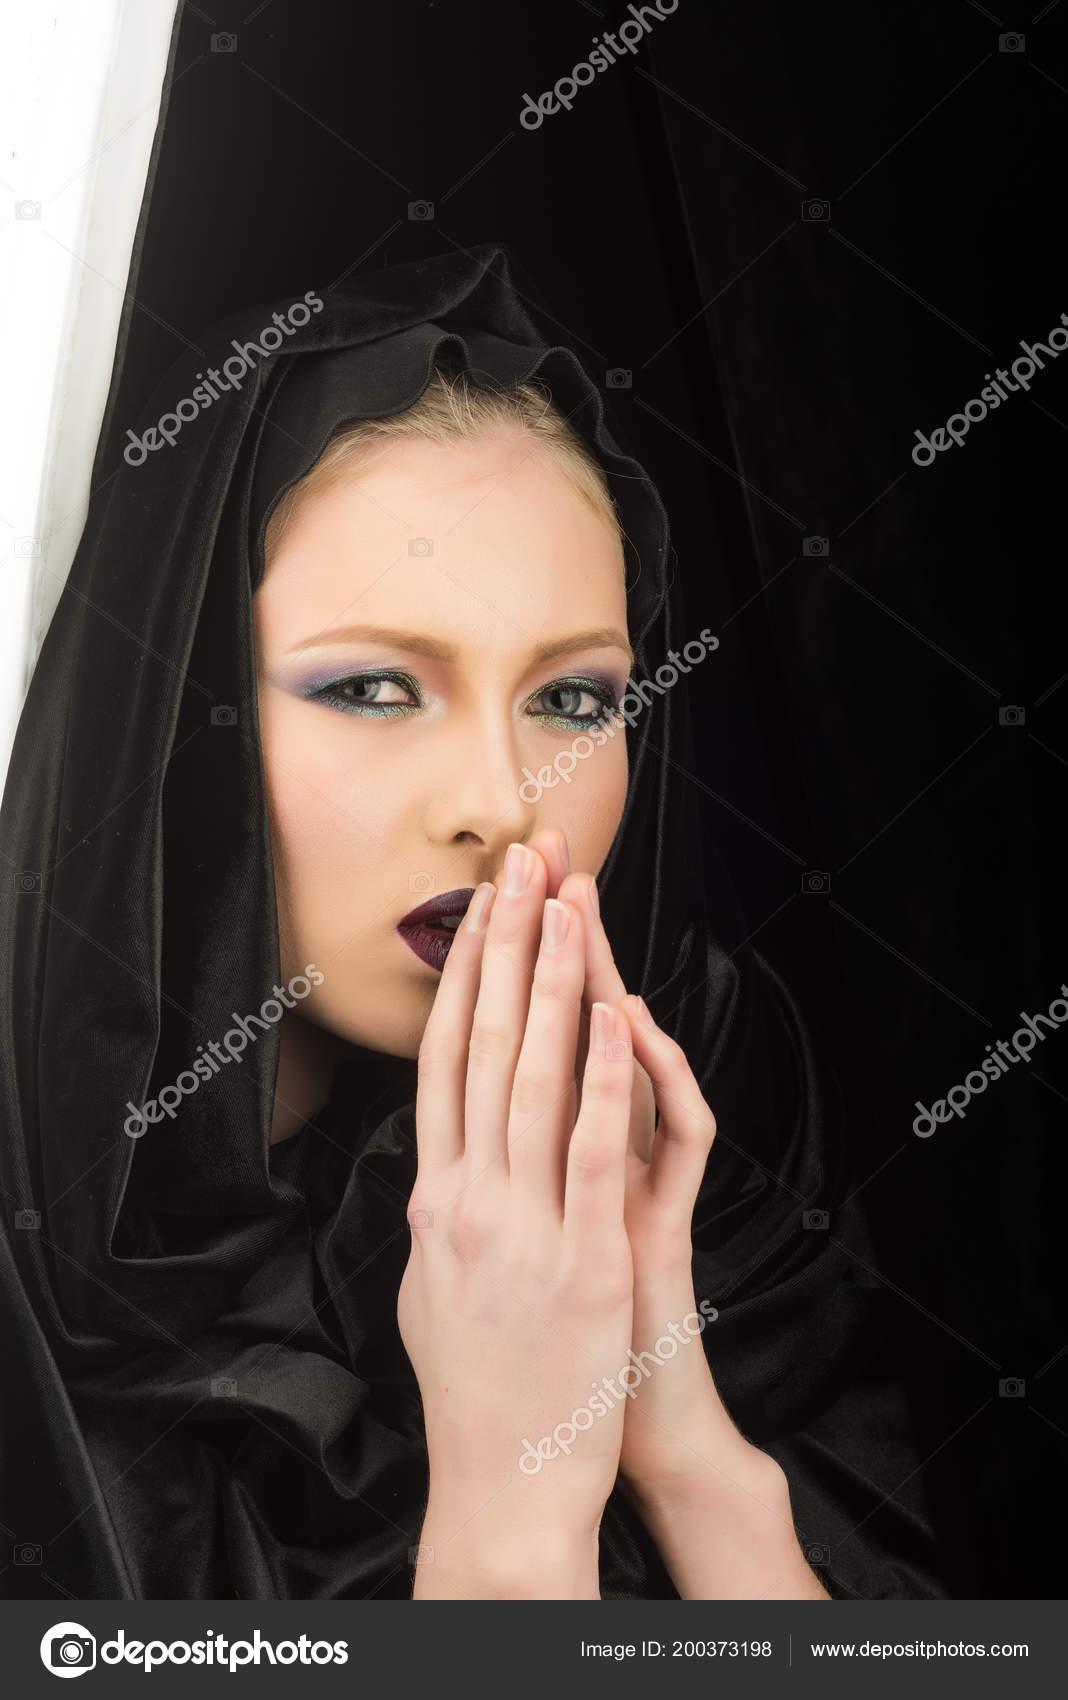 Фото черная кожа делает девушку сексуальной #15